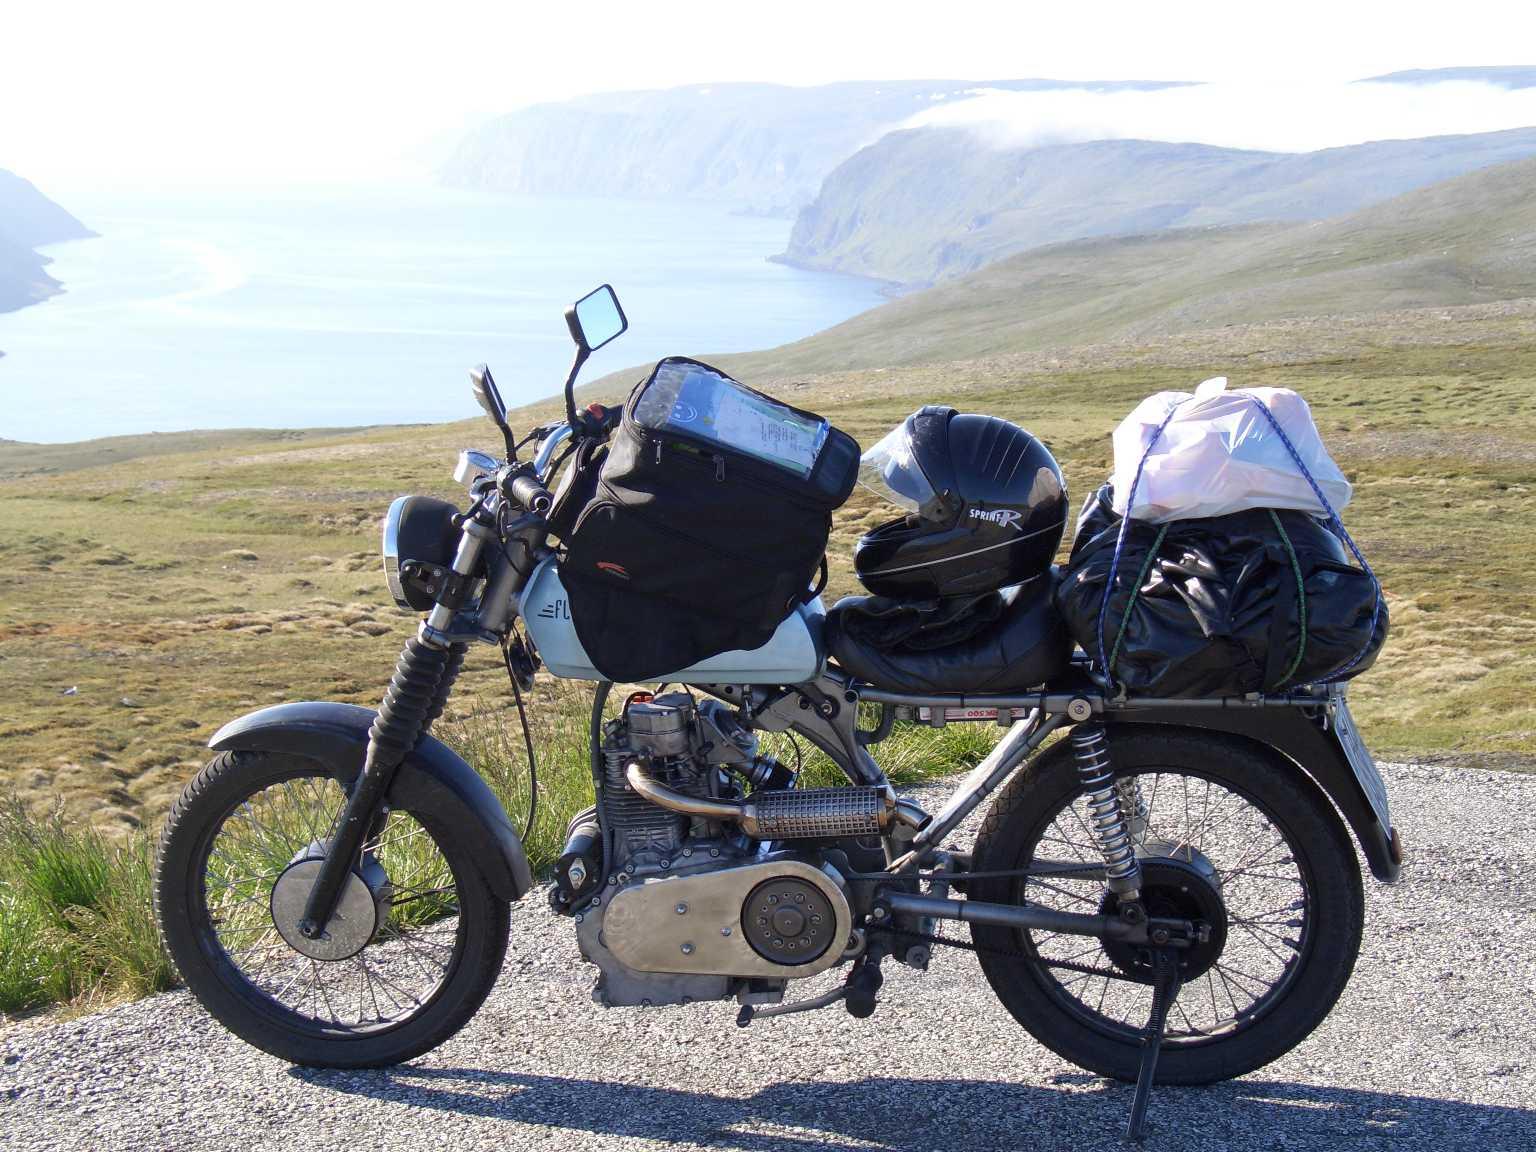 Những chuẩn bị cần thiết cho phương tiện khi phượt bằng xe máy